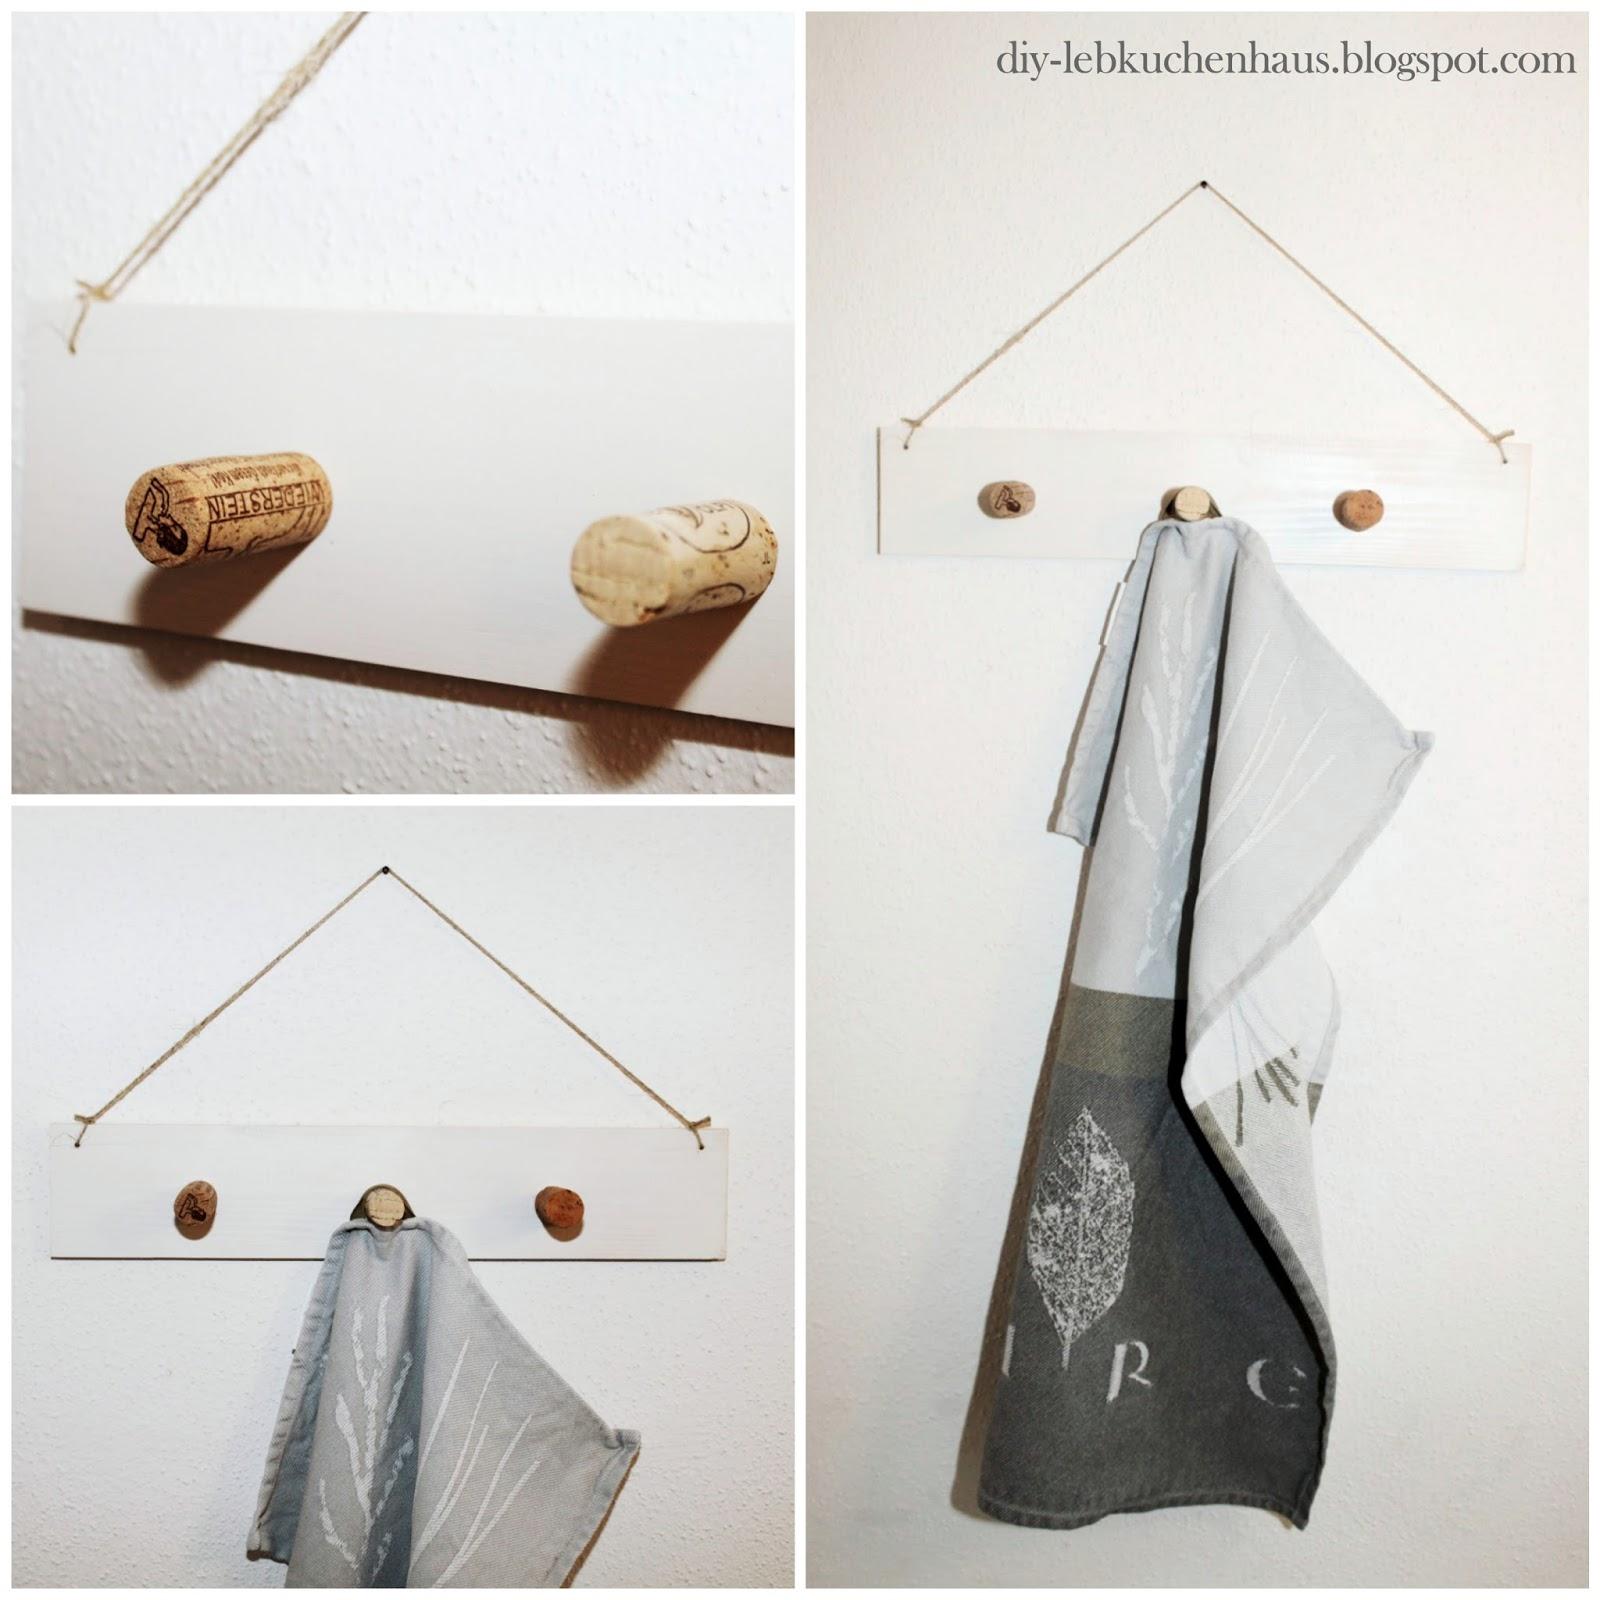 simple wandgarderobe selber bauen basteln mit weinkorken. Black Bedroom Furniture Sets. Home Design Ideas